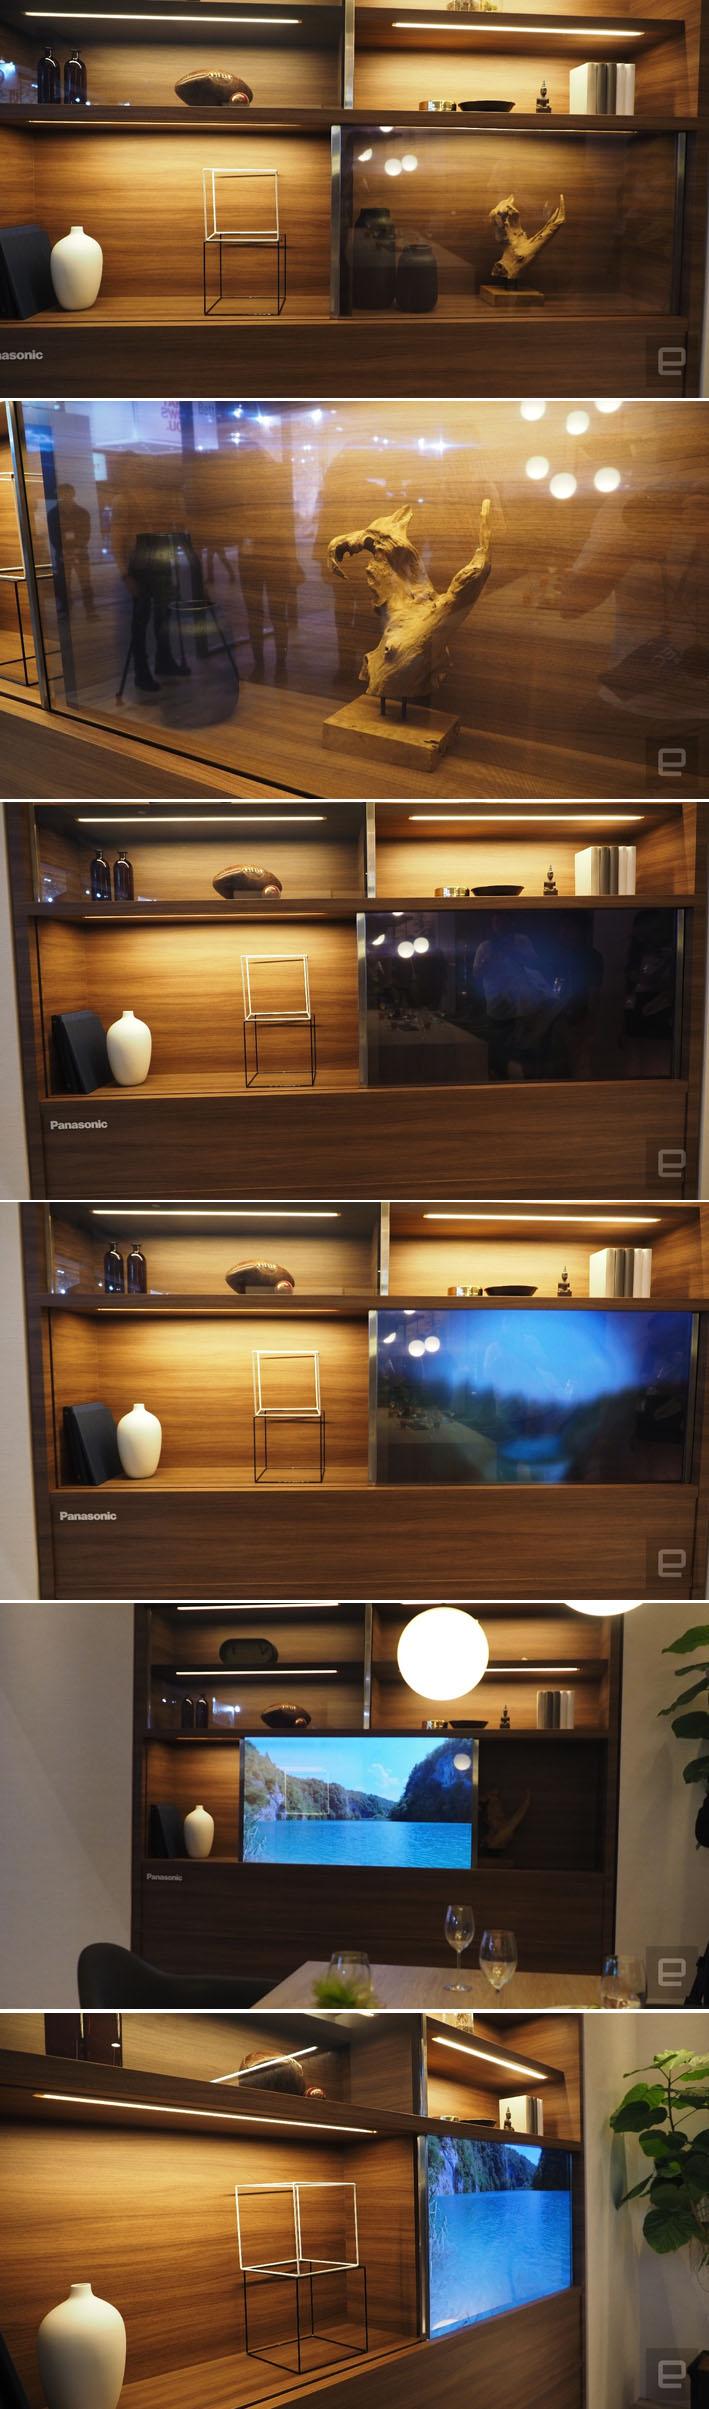 Panasonic apresenta no Japão a televisão transparente do futuro stylo urbano